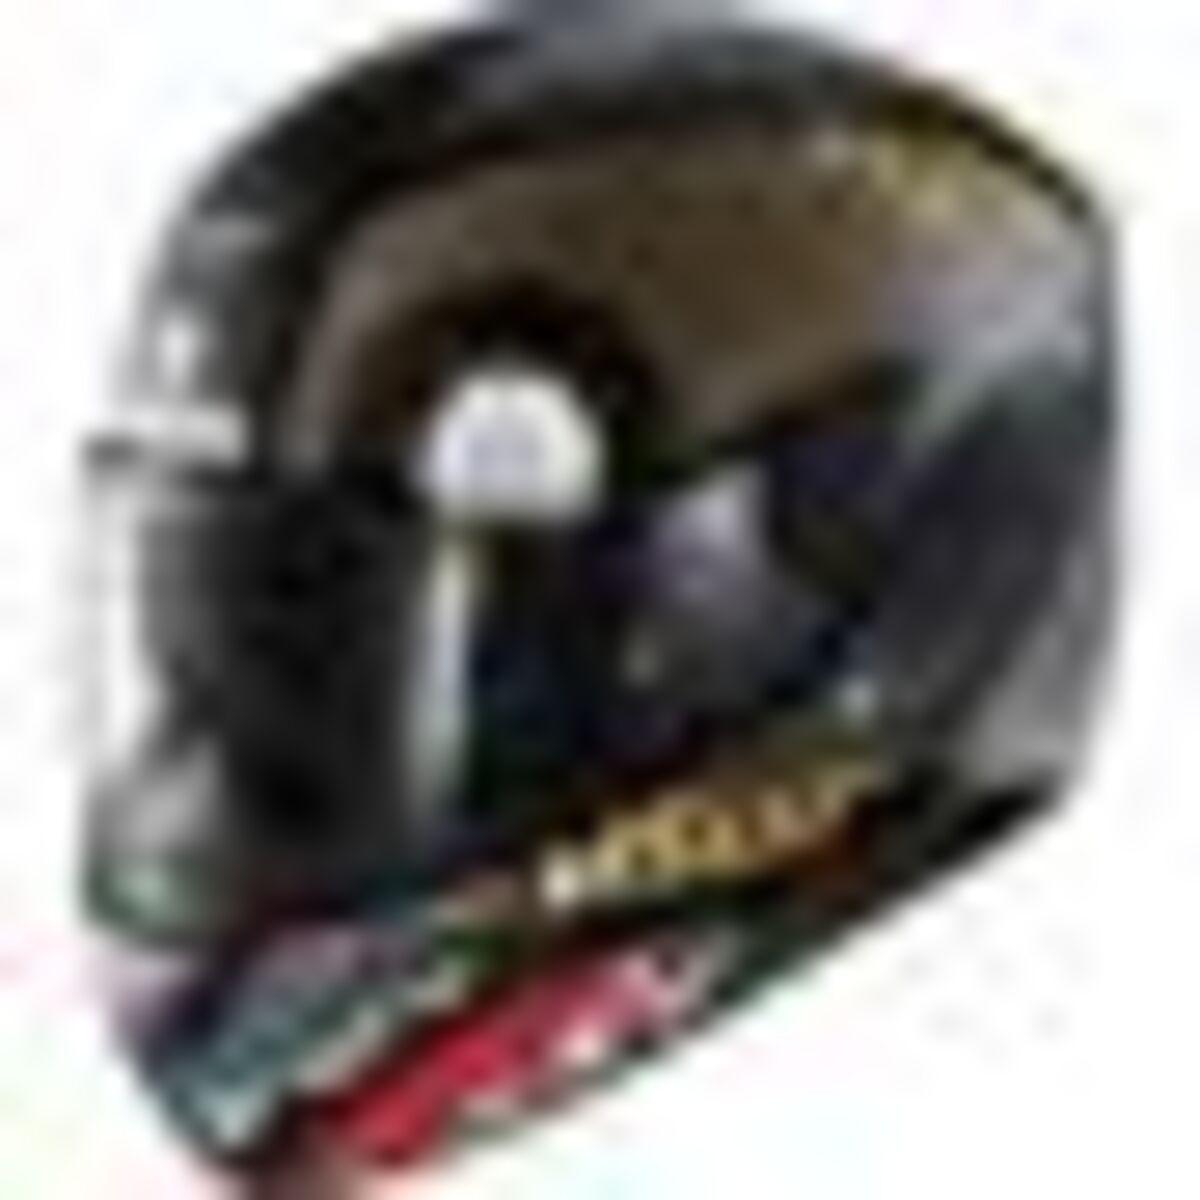 Bild 4 von Shark helmets            D-SKWAL Saurus Schwarz/Weiß/Grau Matt